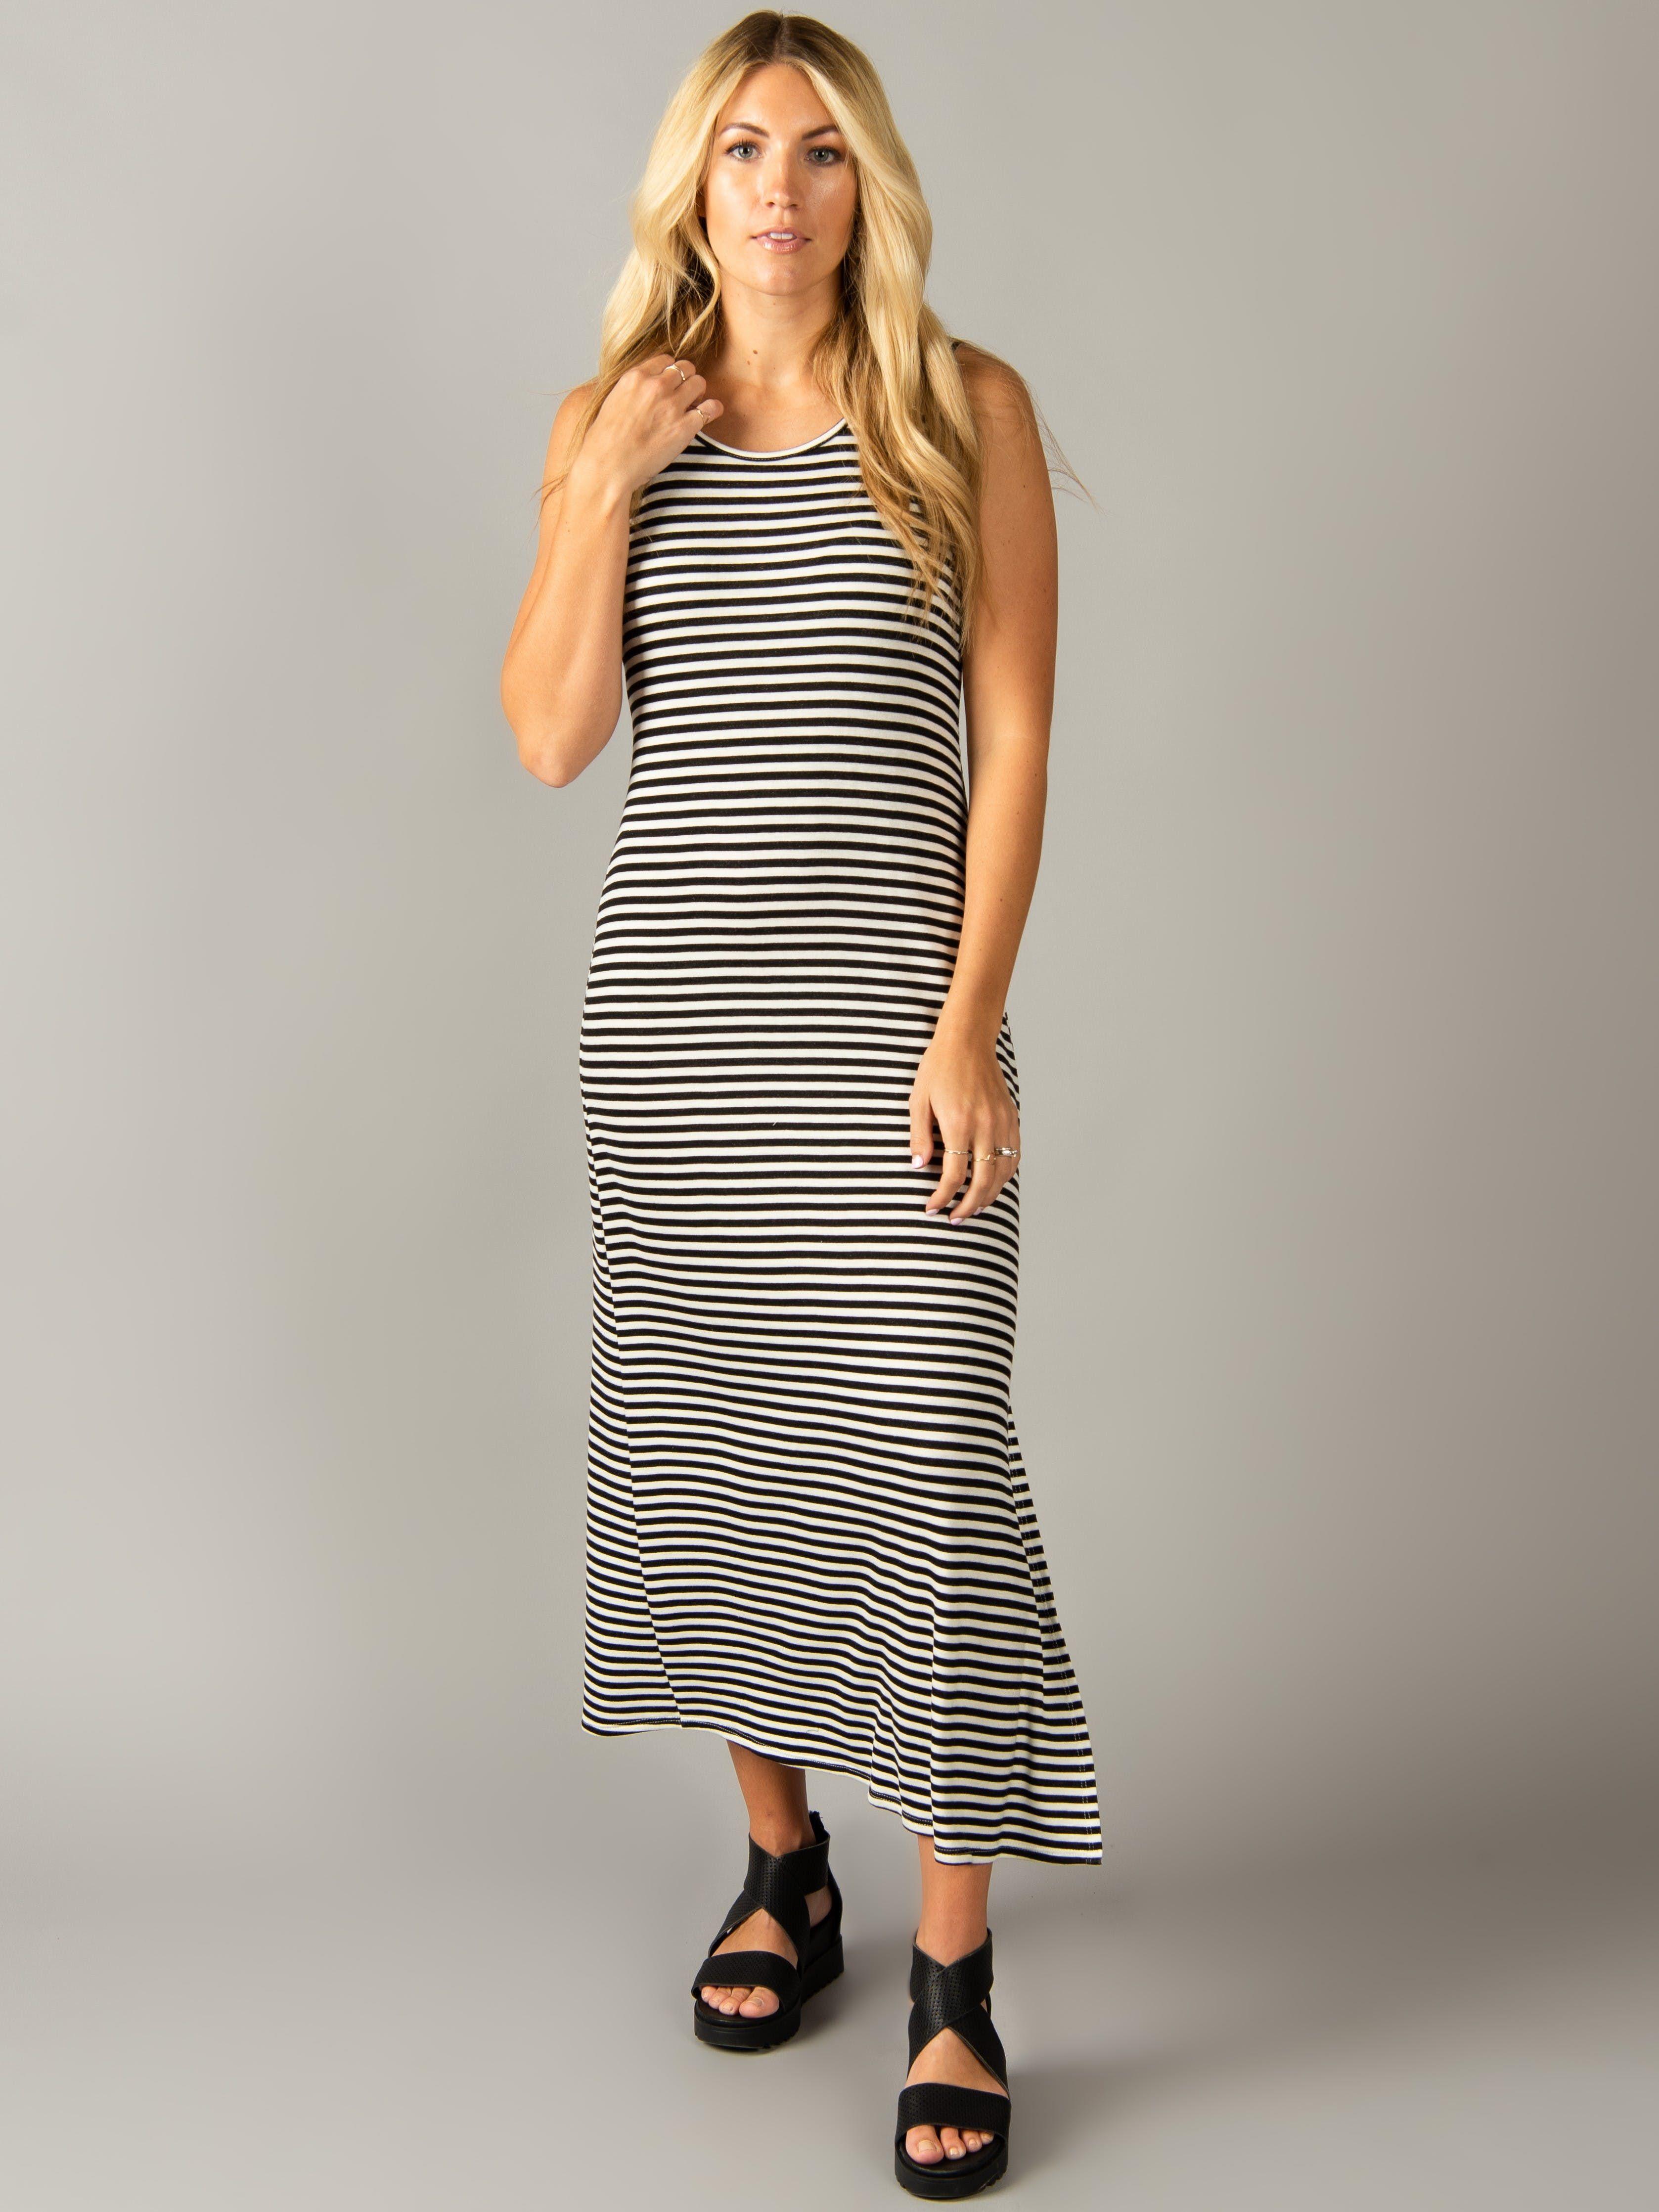 Under The Boardwalk Dress Ivory Black Stripe Comfy